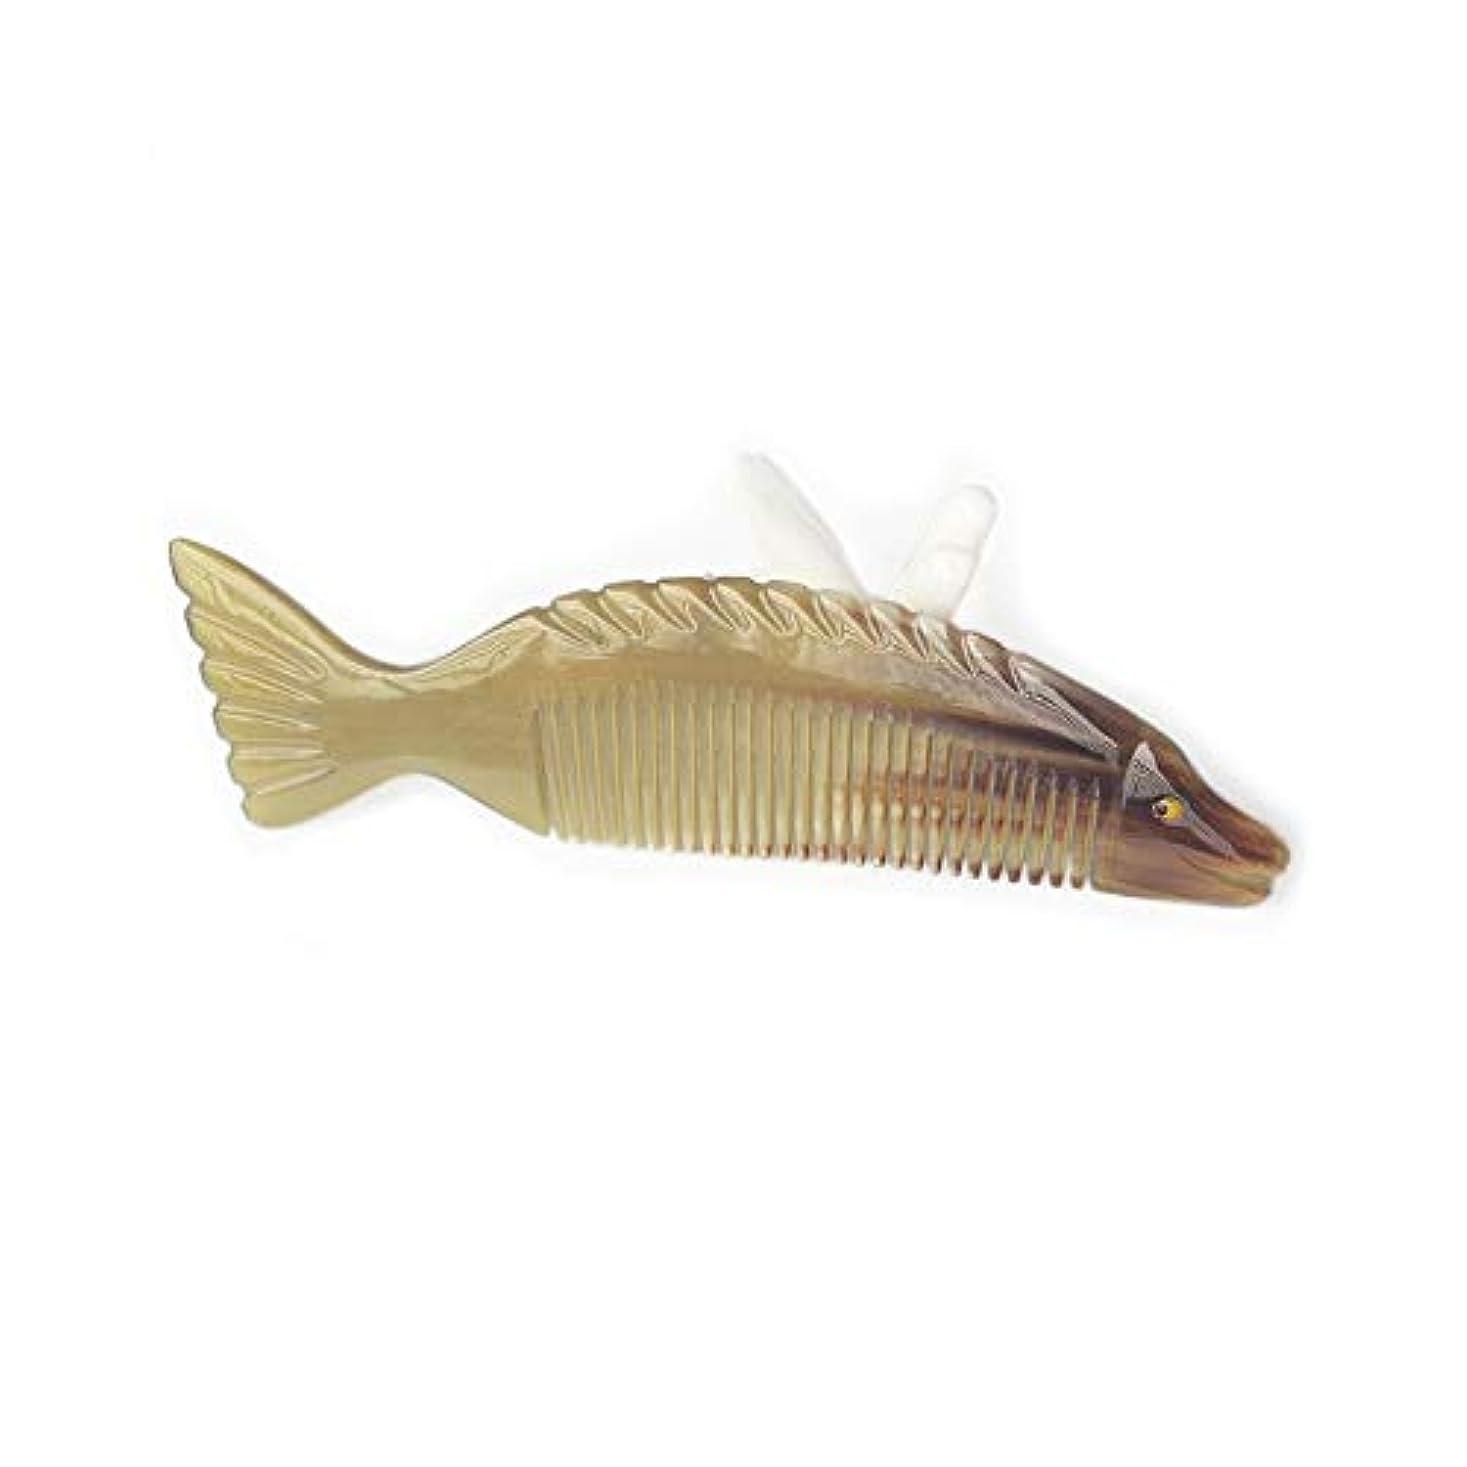 農業の湾迷彩手作りのバッファローホーンくし魚の形くし帯電防止木製くし ヘアケア